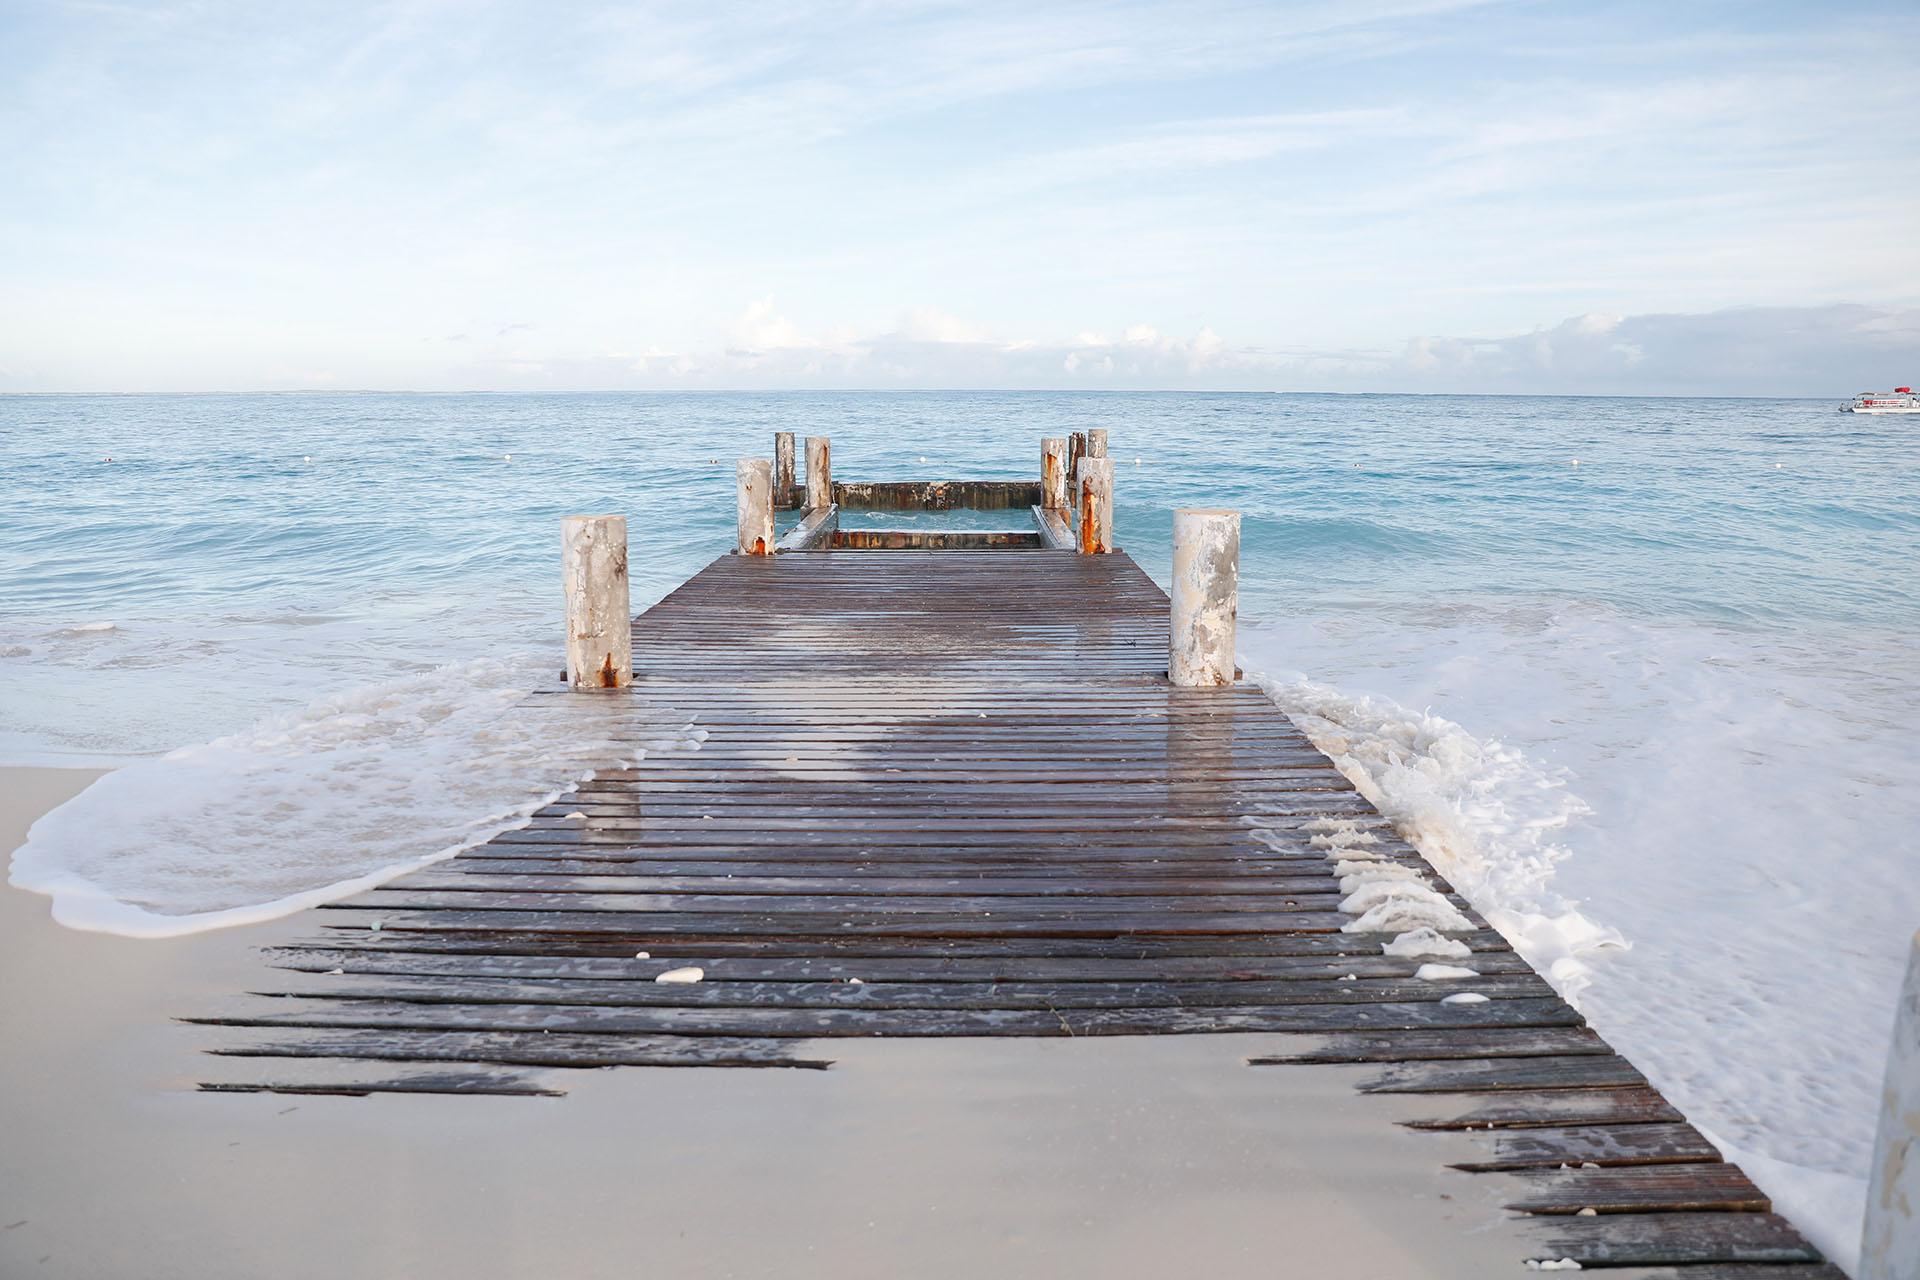 En Turks & Caicos siempre se puede estar listo para una nueva aventura, recorriendo las extensas playas, realizando algún deporte, o simplemente relajándose en una reposera bajo el sol